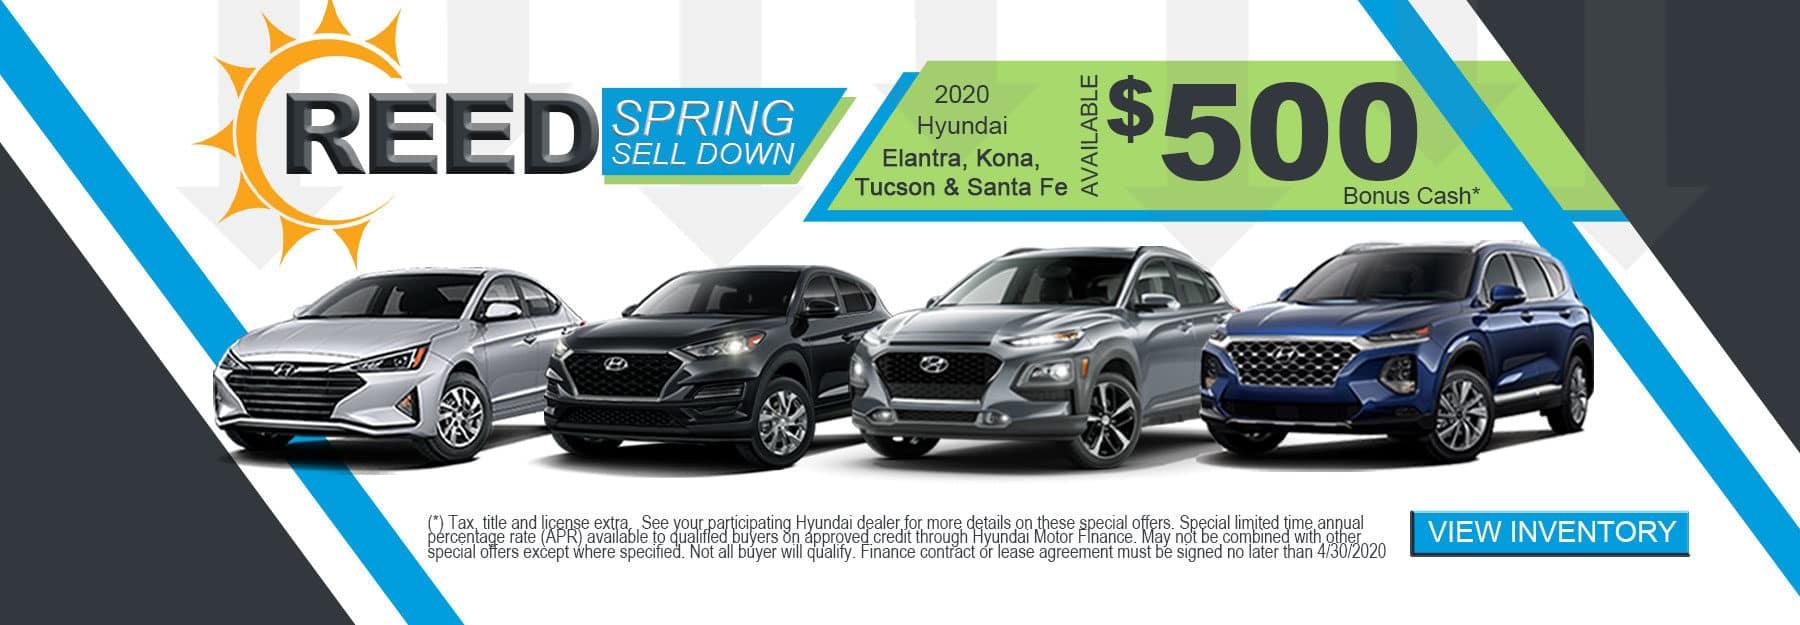 2020 Hyundai Elantra, Kona, Tucson, and Santa Fe